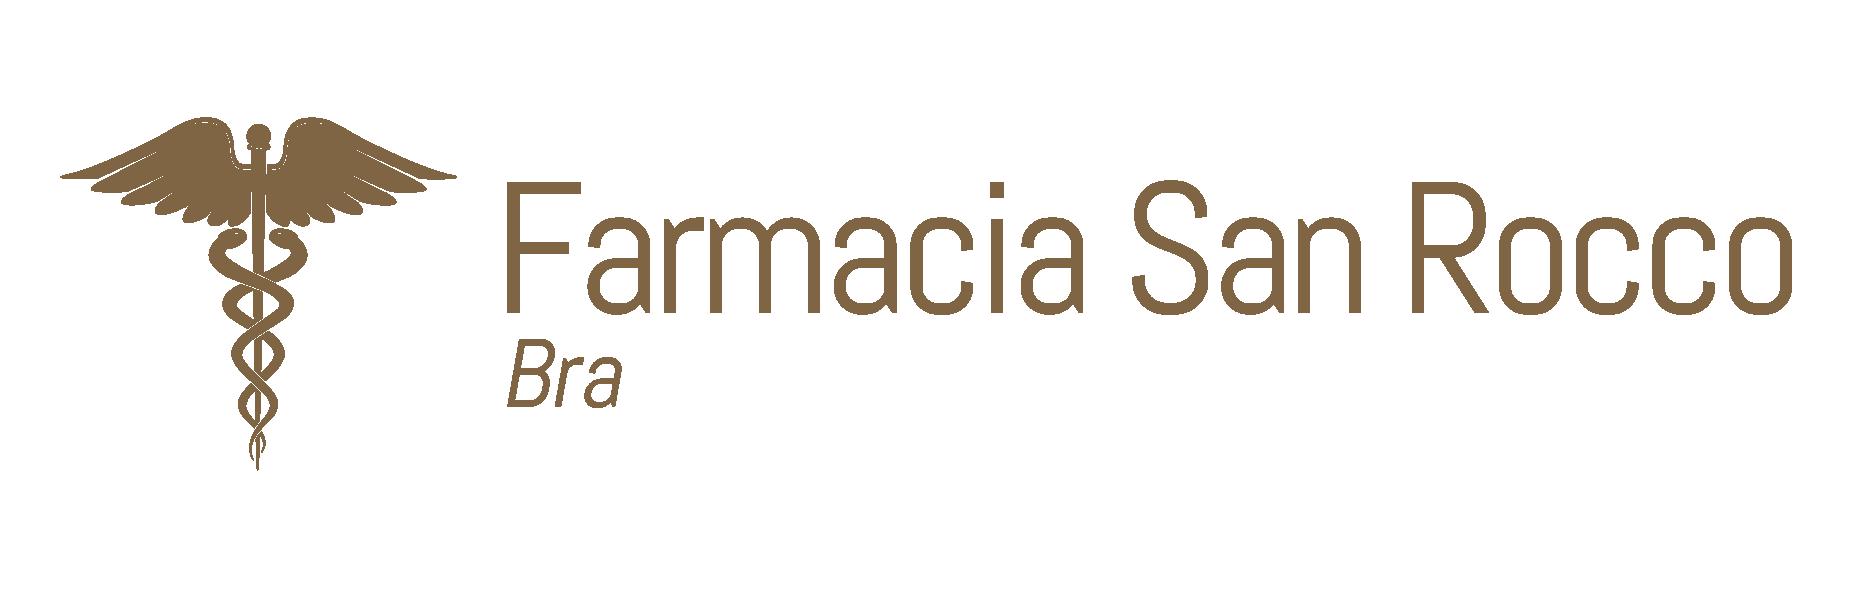 Farmacia San Rocco - Bra | Farmaci e prodotti